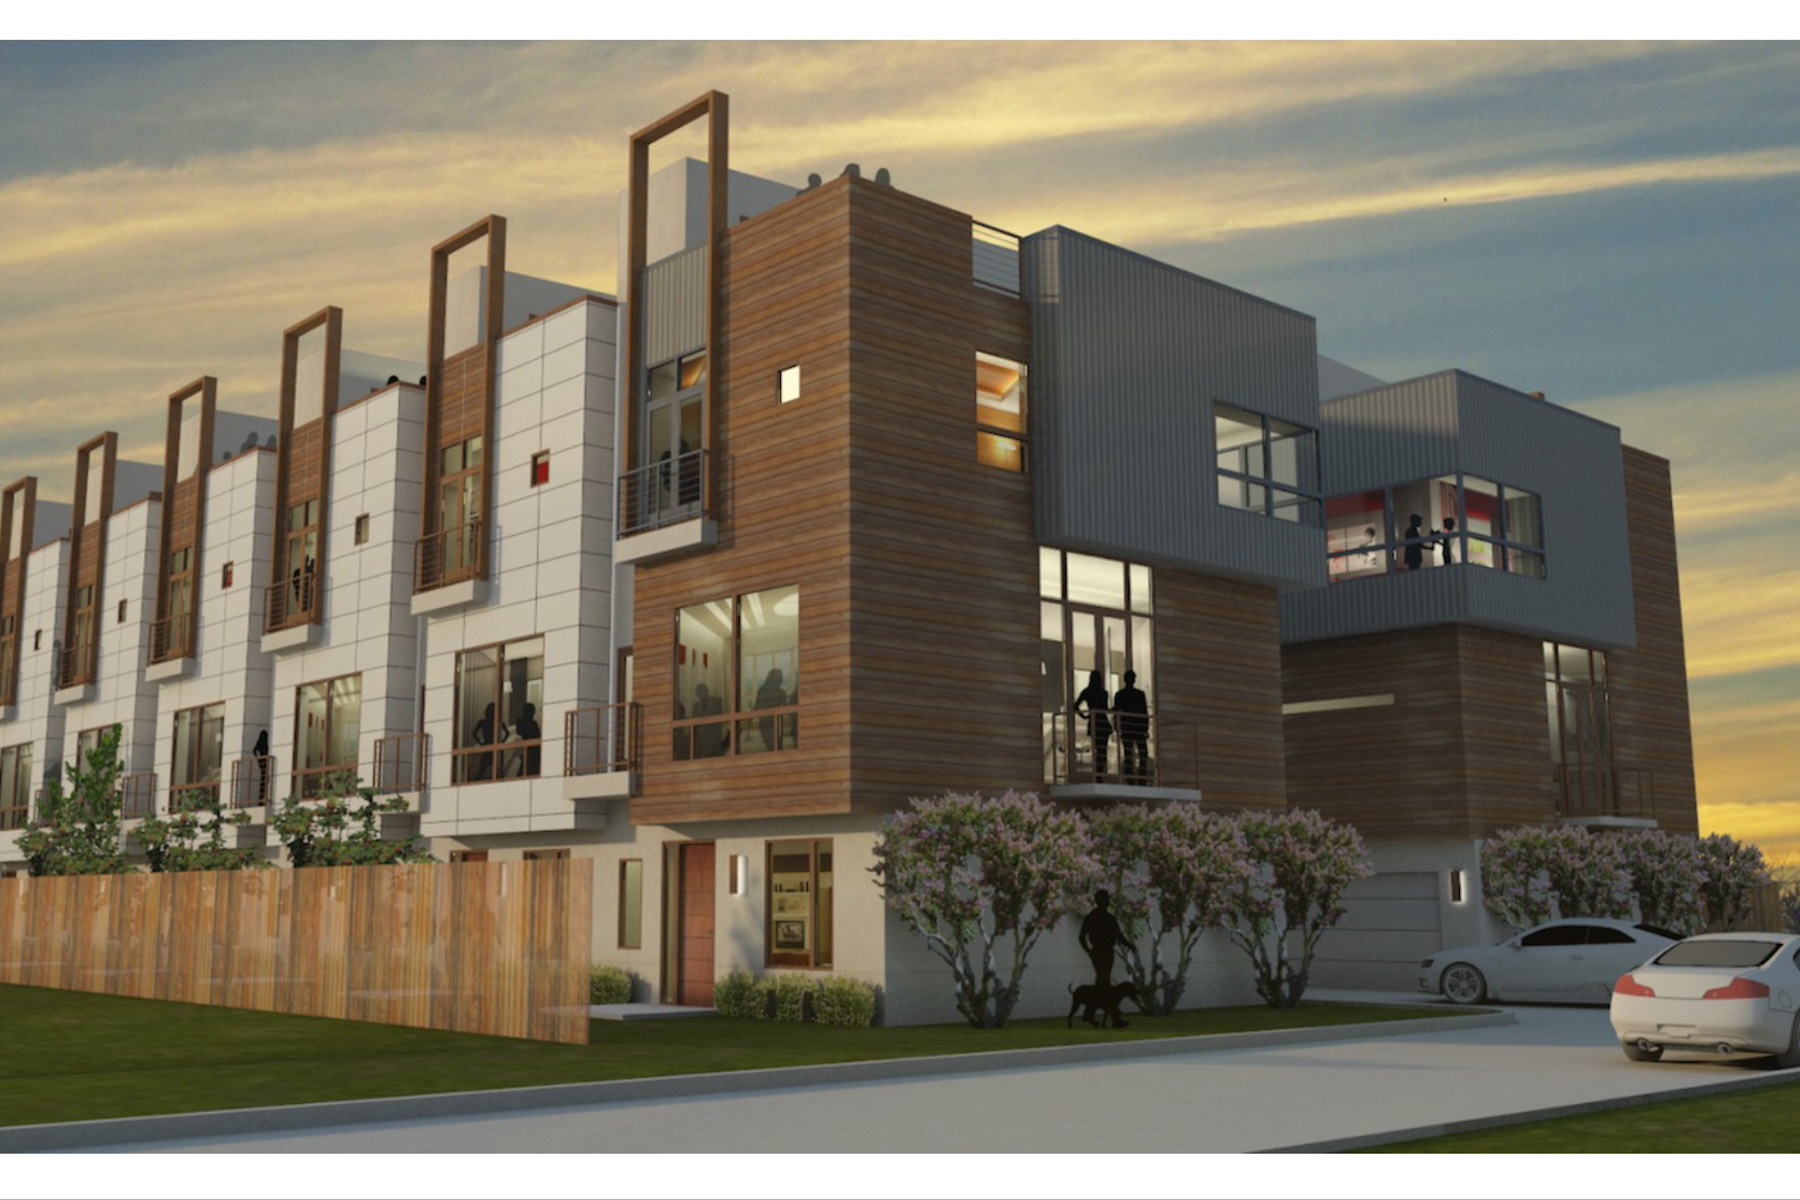 共管物業 為 出售 在 Modern Ecofriendly Townhomes 5912 Ross Ave 7 Dallas, 德克薩斯州, 75206 美國